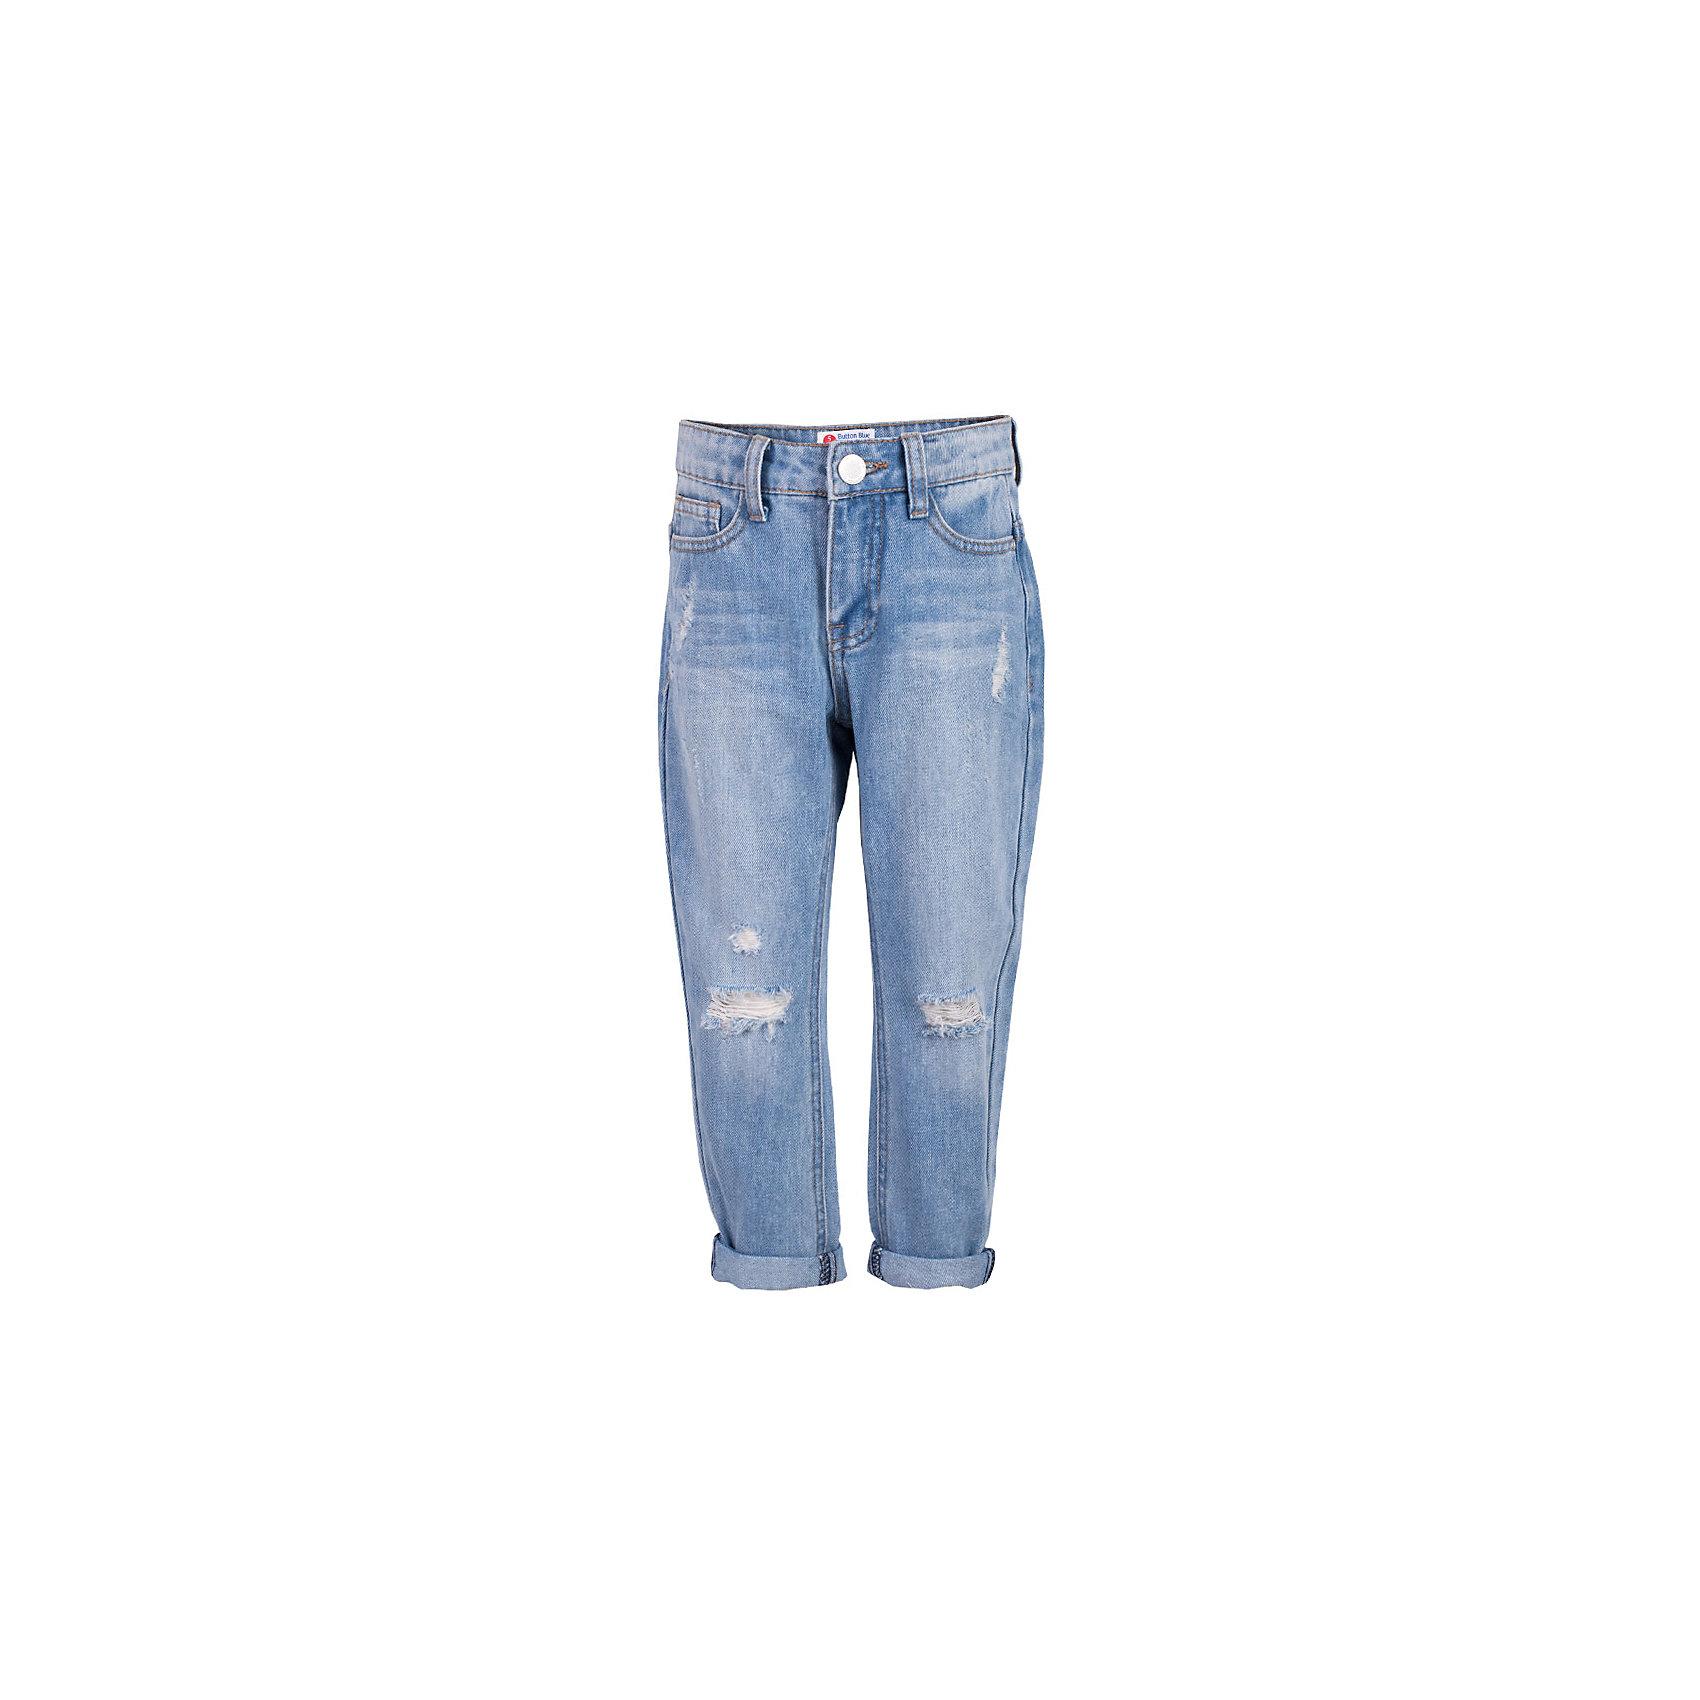 Джинсы для девочки  BUTTON BLUEДжинсовая одежда<br>Джинсы для девочки  BUTTON BLUE<br>Классные голубые джинсы с потертостями и повреждениями — гарантия модного современного образа! Хороший крой,  удобная посадка на фигуре подарят девочке комфорт и свободу движений. Если вы хотите купить ребенку недорогие джинсы силуэта бойфренд, модель от Button Blue - прекрасный выбор!<br>Состав:<br>100%  хлопок<br><br>Ширина мм: 215<br>Глубина мм: 88<br>Высота мм: 191<br>Вес г: 336<br>Цвет: голубой<br>Возраст от месяцев: 24<br>Возраст до месяцев: 36<br>Пол: Женский<br>Возраст: Детский<br>Размер: 98,158,104,122,128,134,140,146,152<br>SKU: 5523678